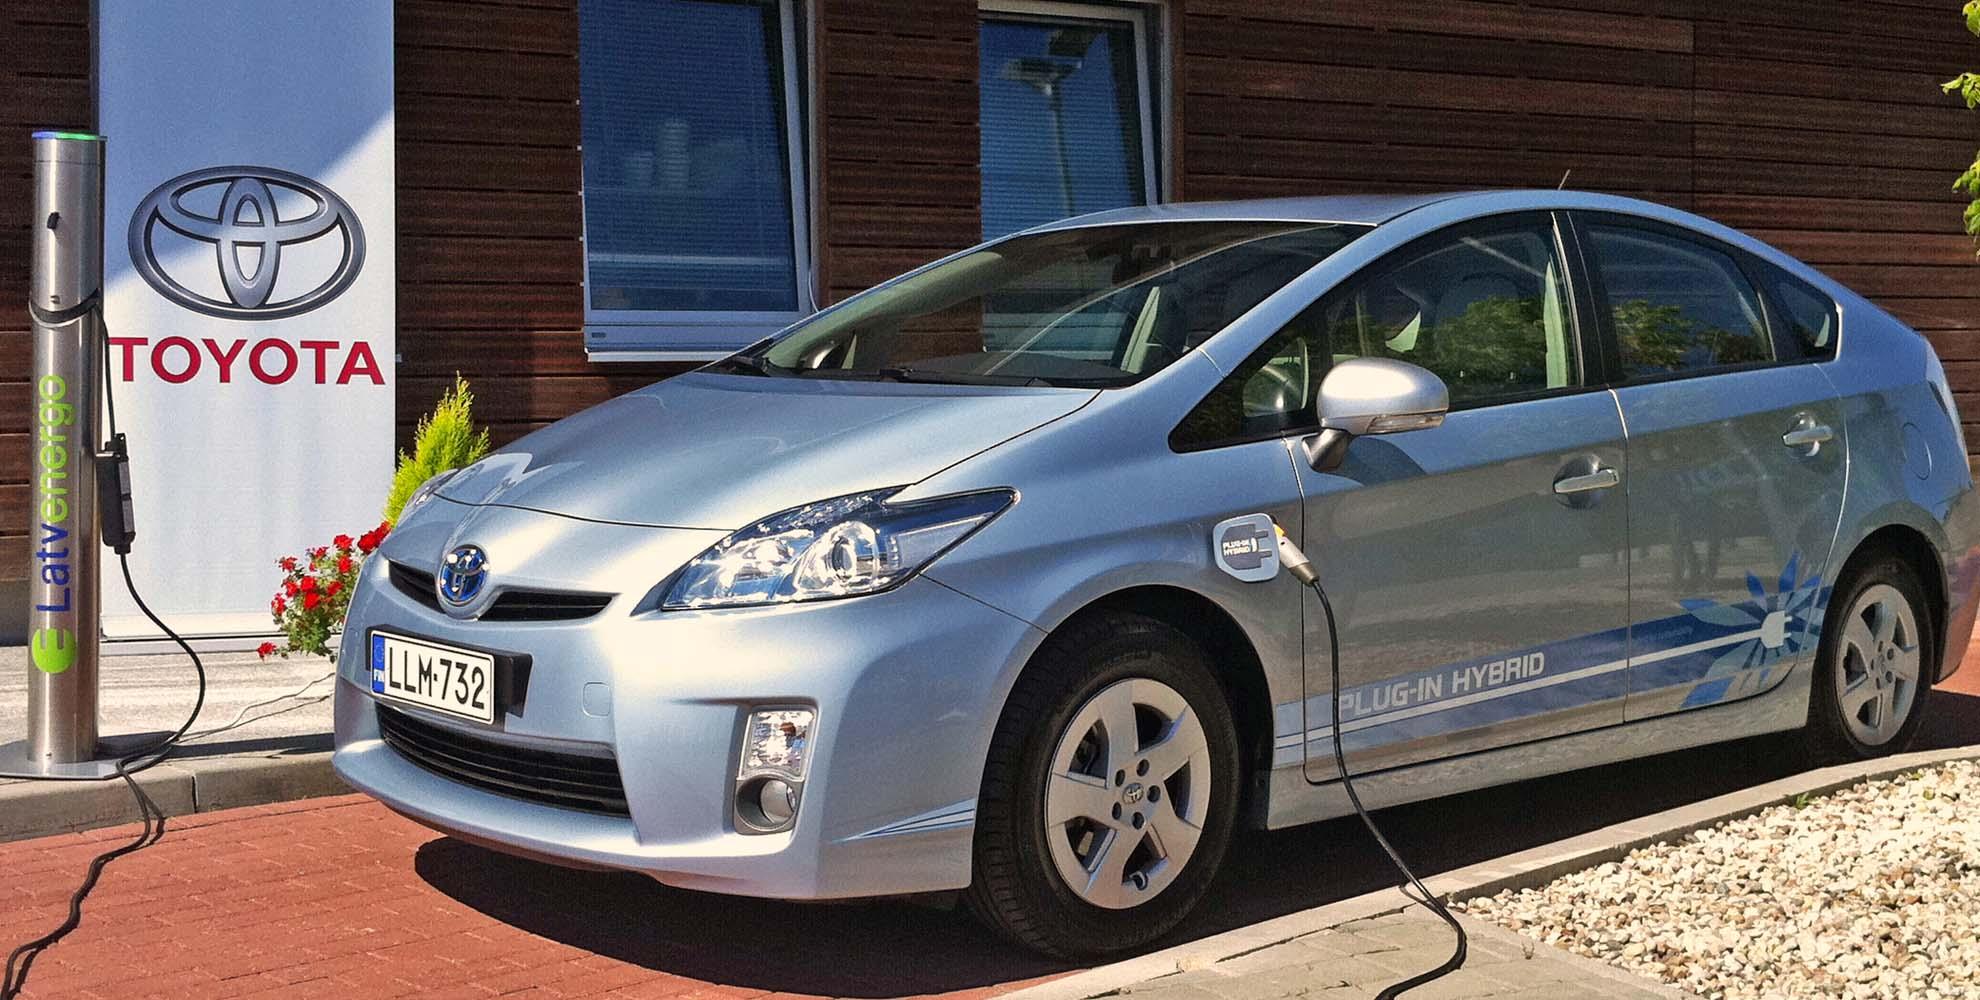 Toyota za darmo udostępnia swoje rozwiązania.